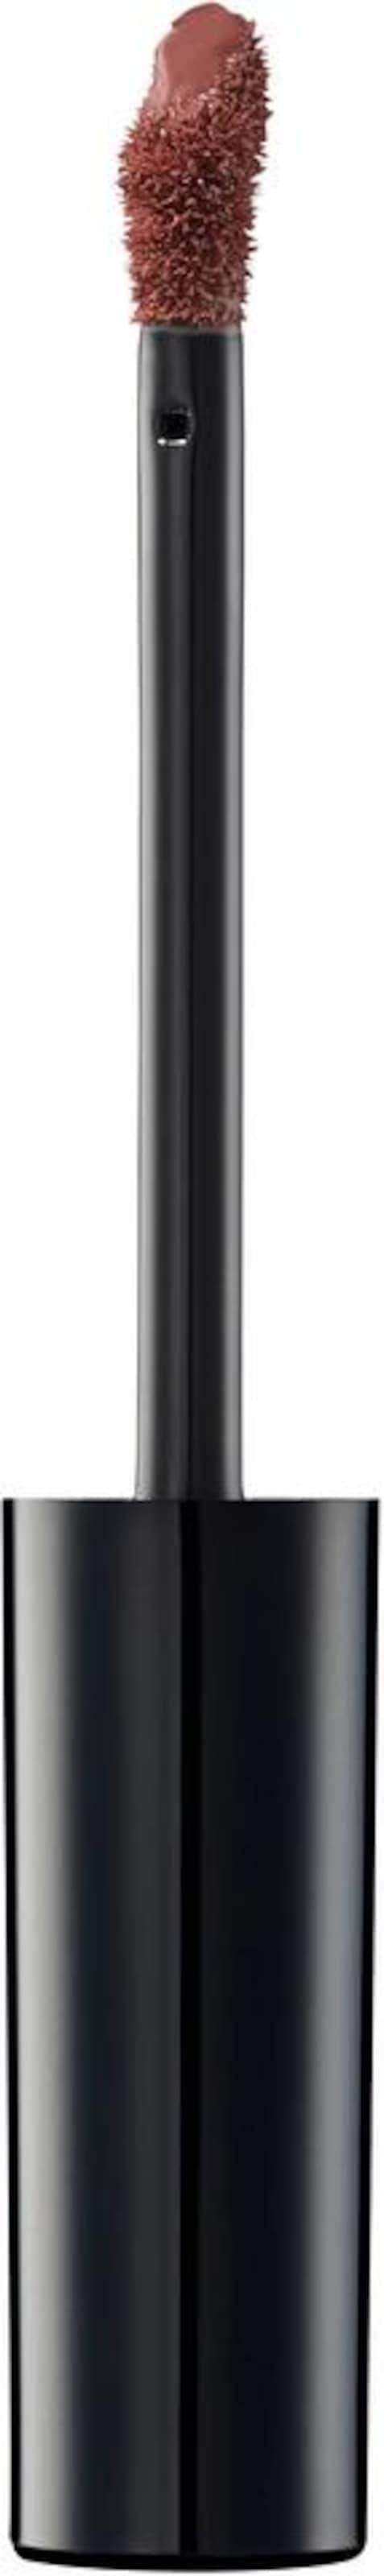 L'Oréal Paris 'Infaillible Paint Lippenstift Matte', Lippenstift